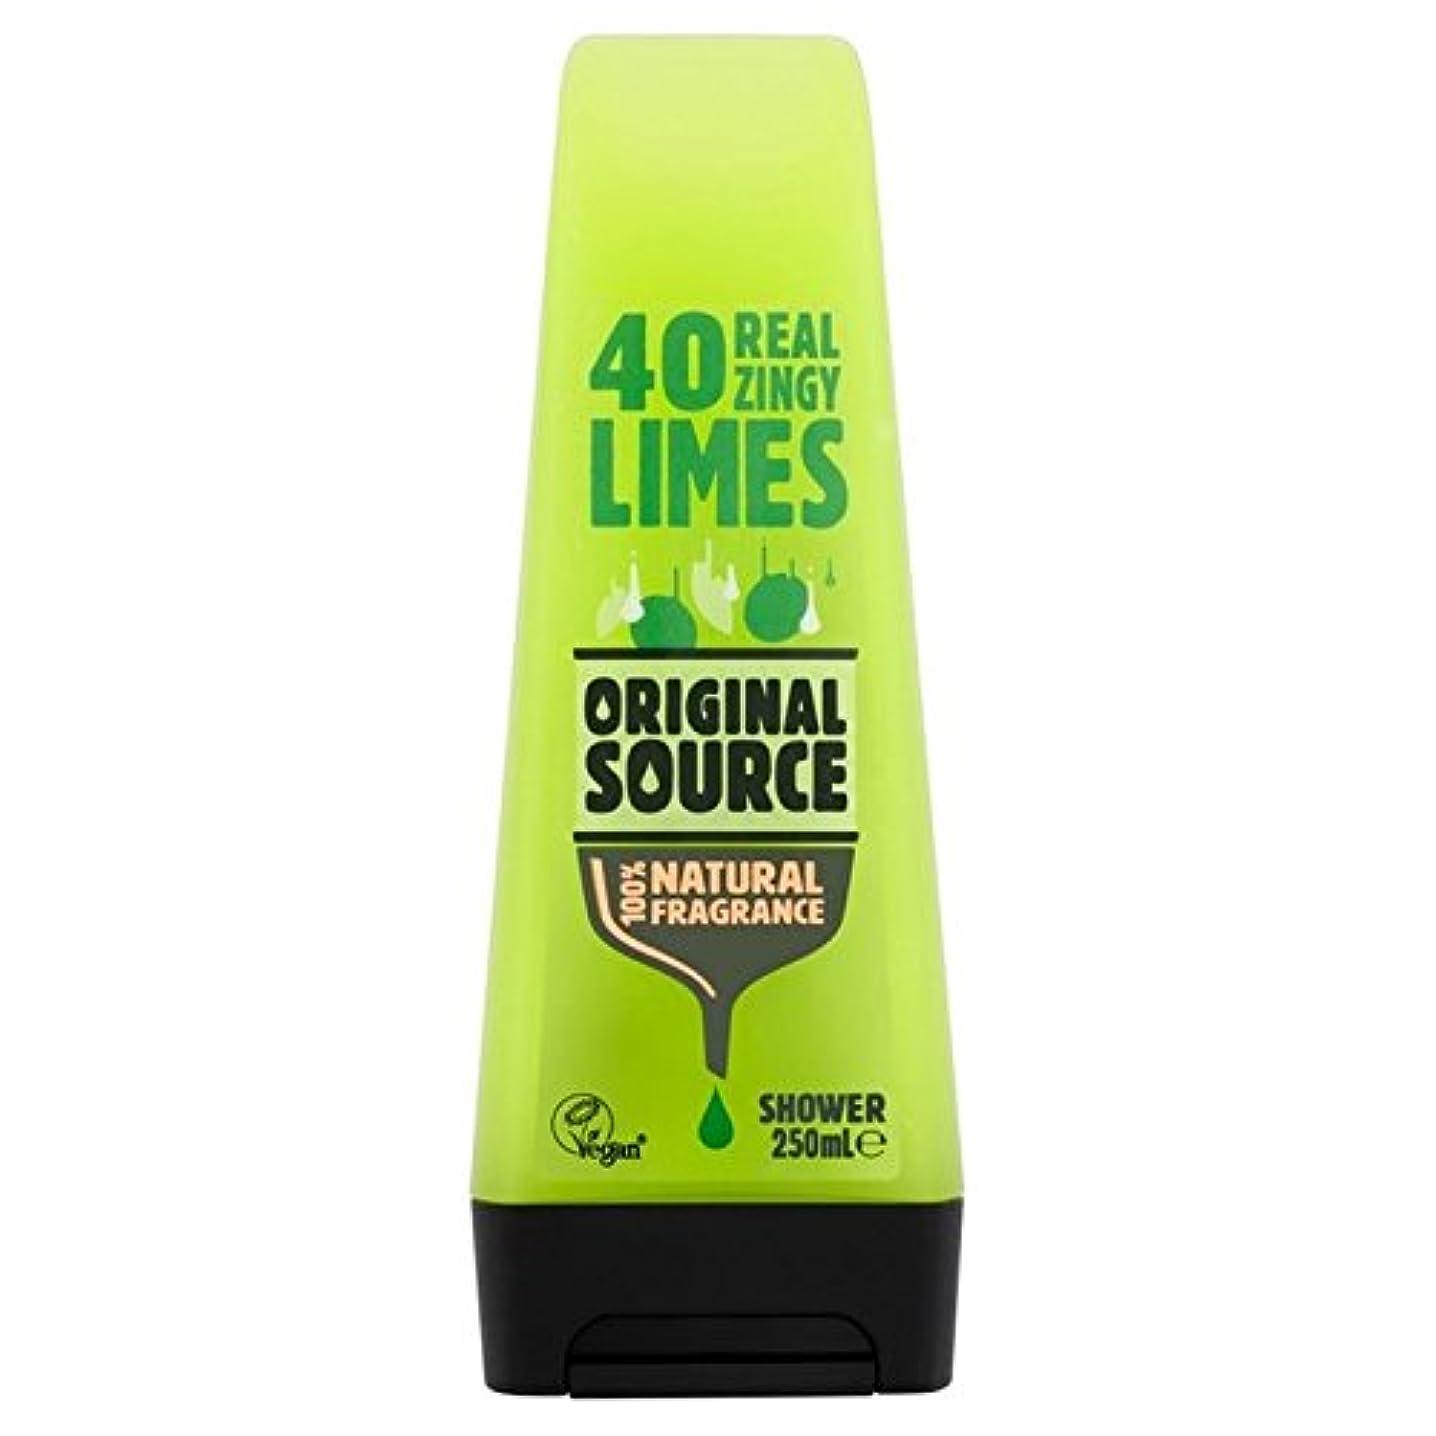 将来の二度北極圏元のソースライムシャワージェル250ミリリットル x4 - Original Source Lime Shower Gel 250ml (Pack of 4) [並行輸入品]